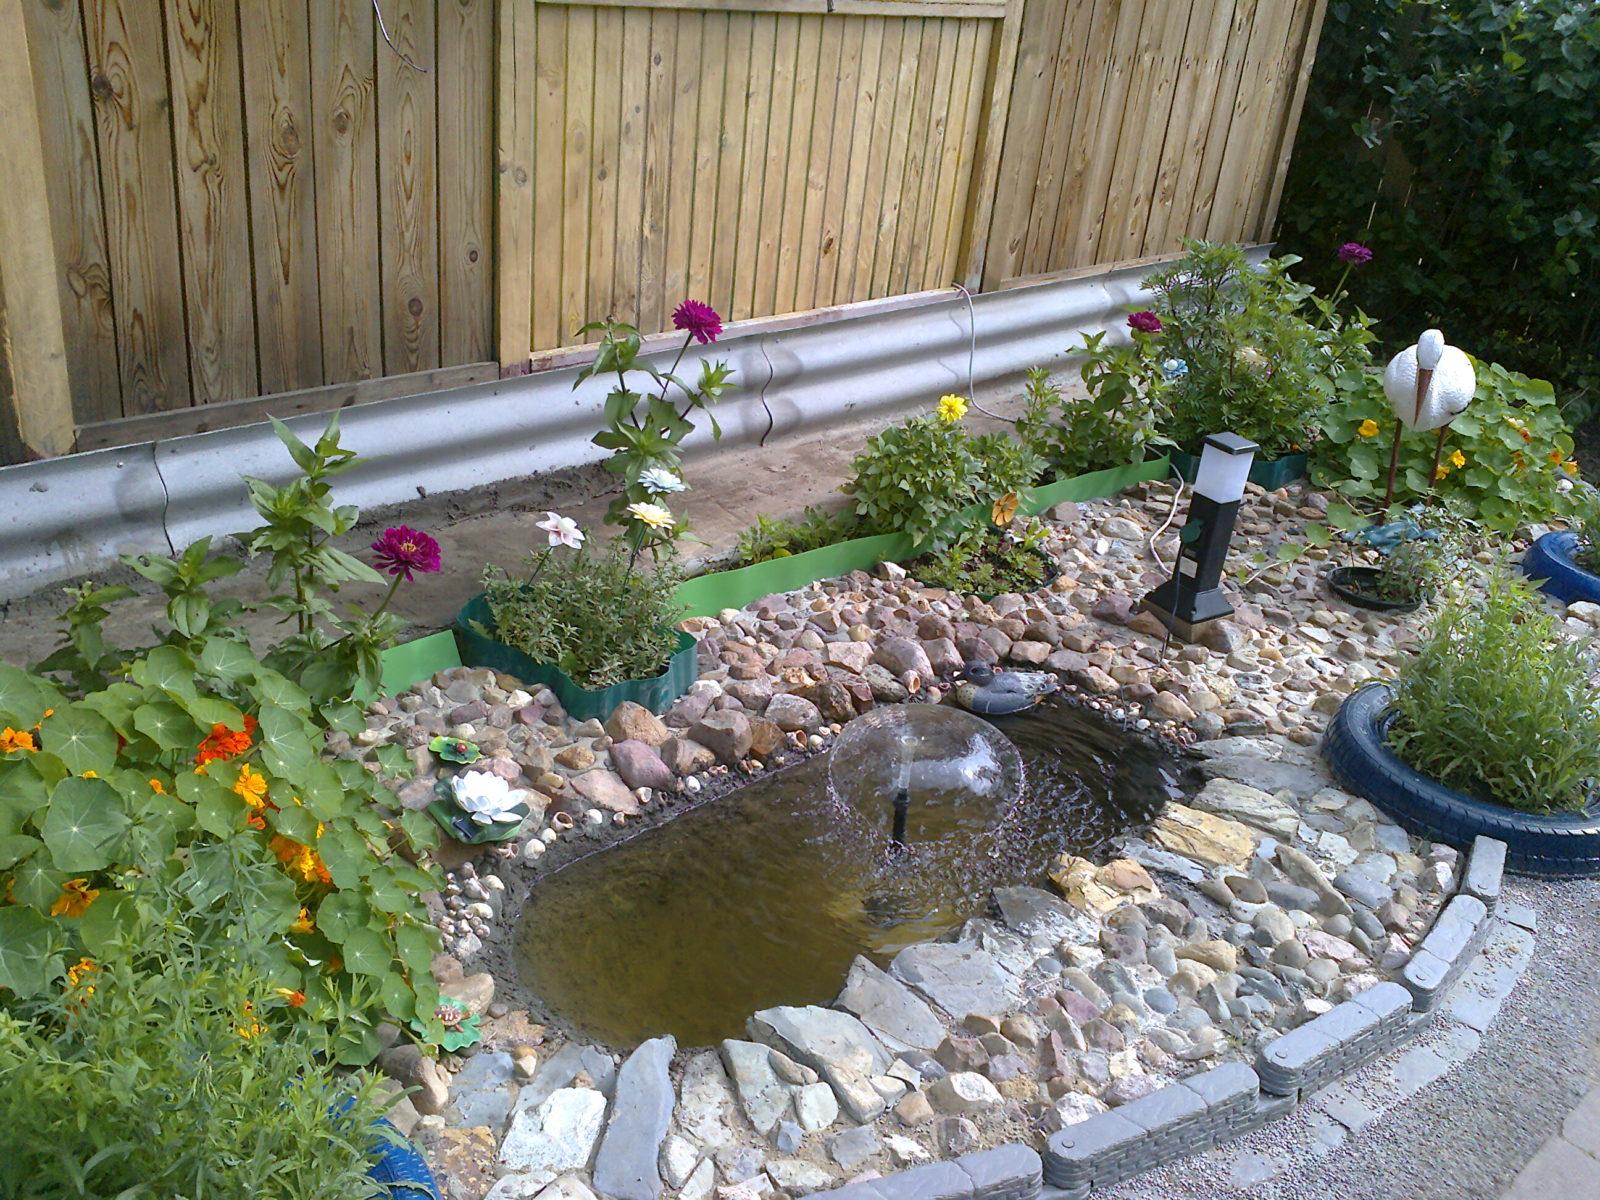 Пруд из ванны: пошаговая инструкция и рекомендации